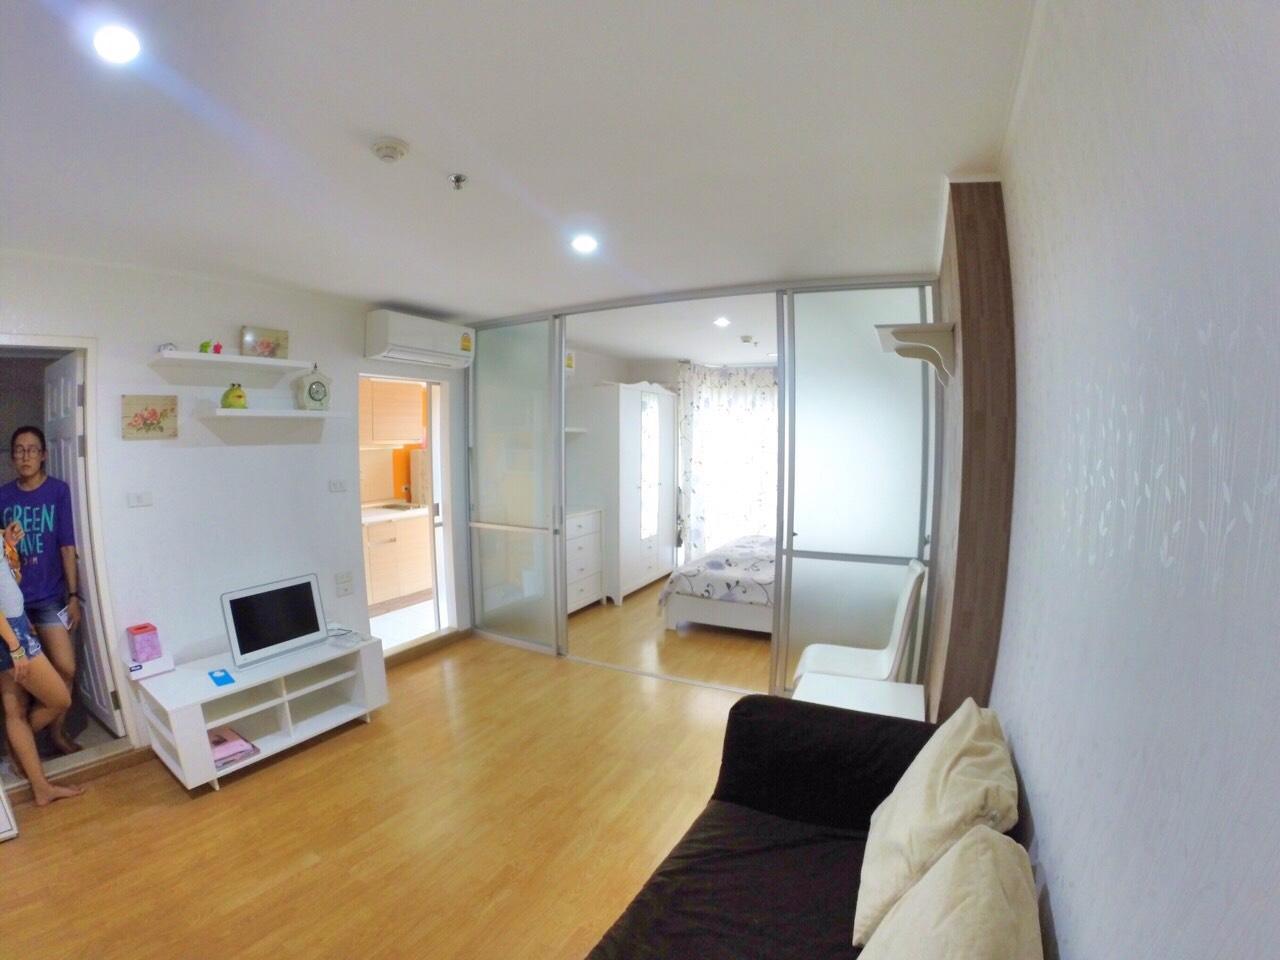 ให้เช่า ราคา 11000 บาท ต่อเดือน คอนโด U-Delight @Bangsue Station ยูดีไลท์ 2@บางซื่อ สเตชั่น 1 ห้องนอน